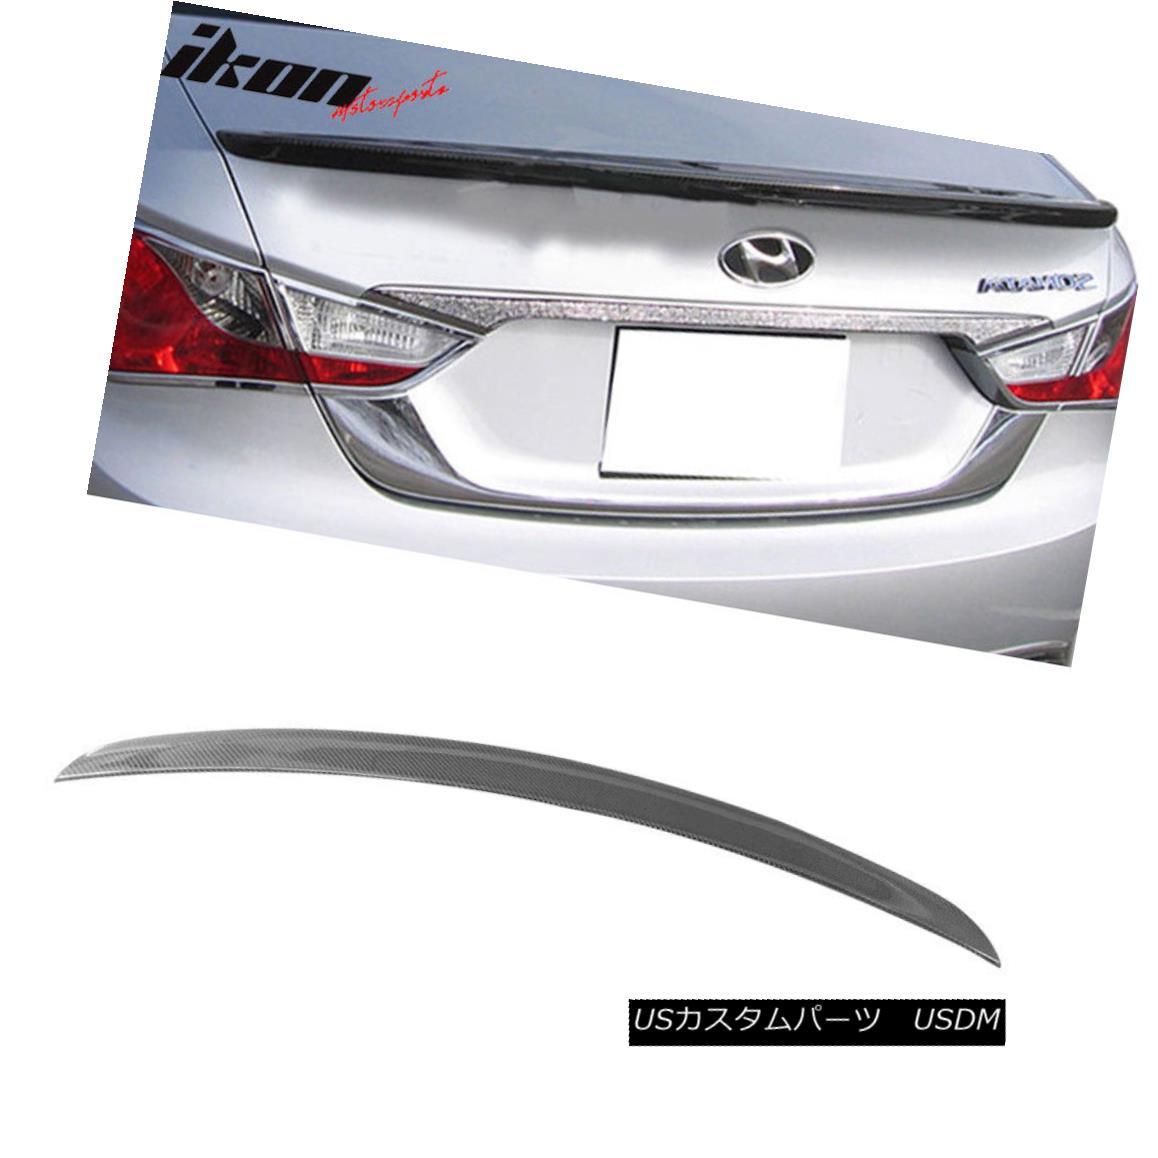 エアロパーツ Fits 11-14 Hyundai Sonata OE Factory Style CF Carbon Fiber Trunk Spoiler フィット11-14現代ソナタOE工場スタイルCF炭素繊維トランク・スポイラー